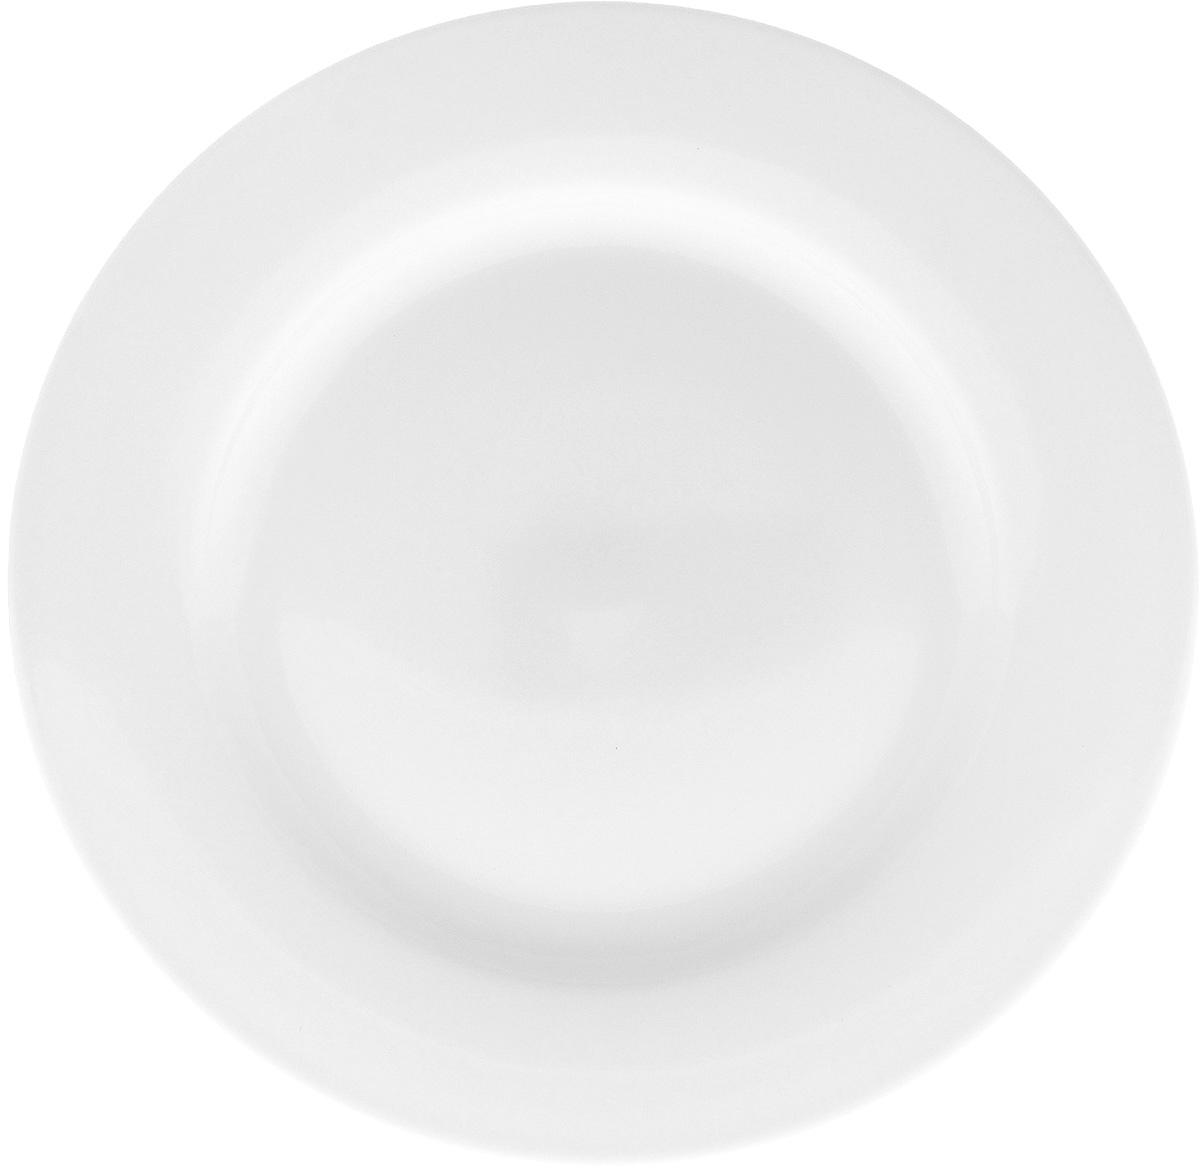 Тарелка Wilmax, диаметр 20 смWL-991178 / AТарелка Wilmax, изготовленная из высококачественного фарфора, имеет классическую круглую форму. Оригинальный дизайн придется по вкусу и ценителям классики, и тем, кто предпочитает утонченность и изысканность. Тарелка Wilmax идеально подойдет для сервировки стола и станет отличным подарком к любому празднику.